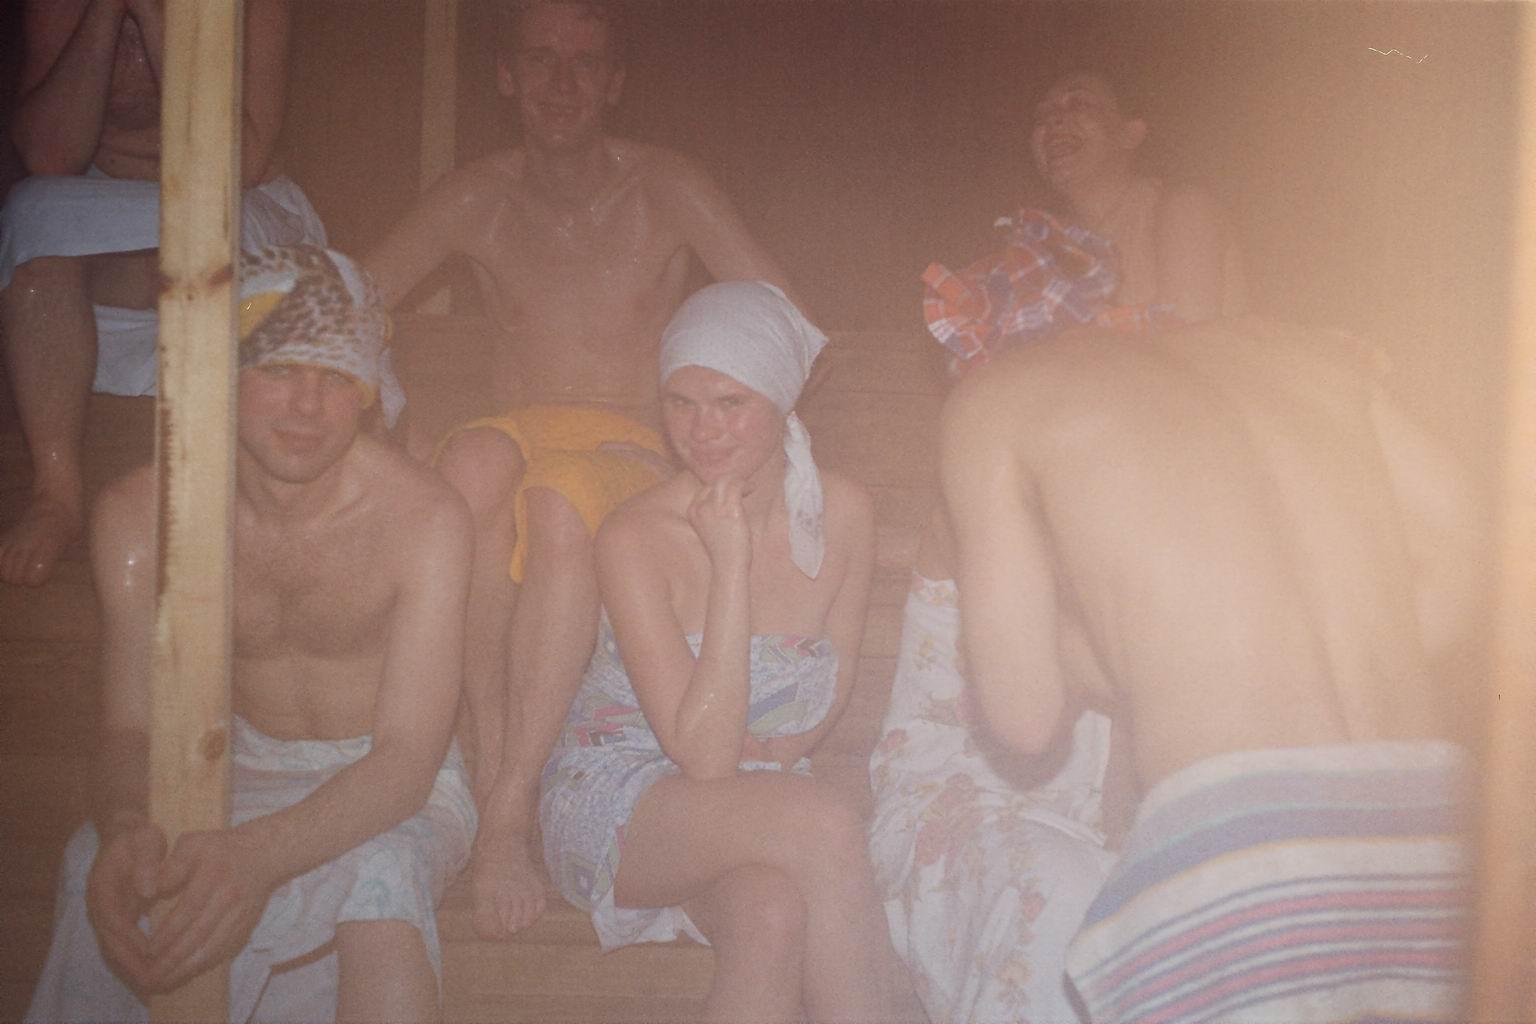 Секс с пьяными в бани, В Сауне порно видео, смотреть Секс в Сауне бесплатно 10 фотография